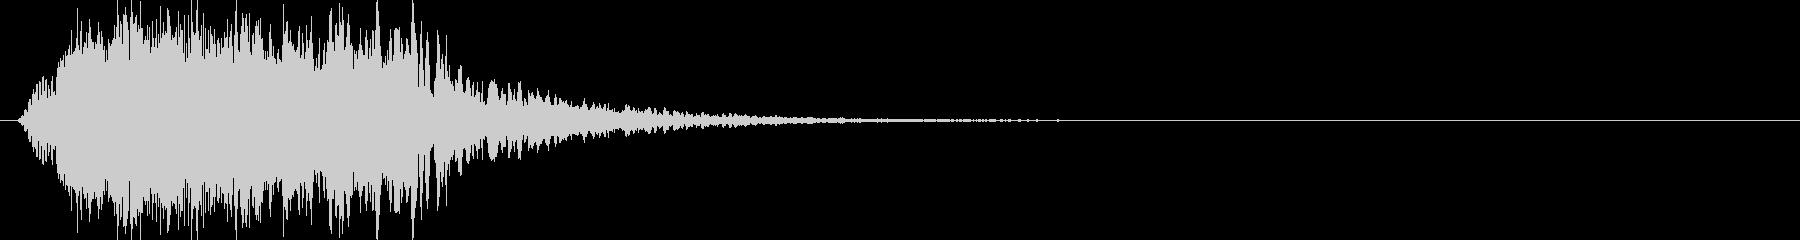 シャキーン! 剣や刀の強烈インパクト!1の未再生の波形